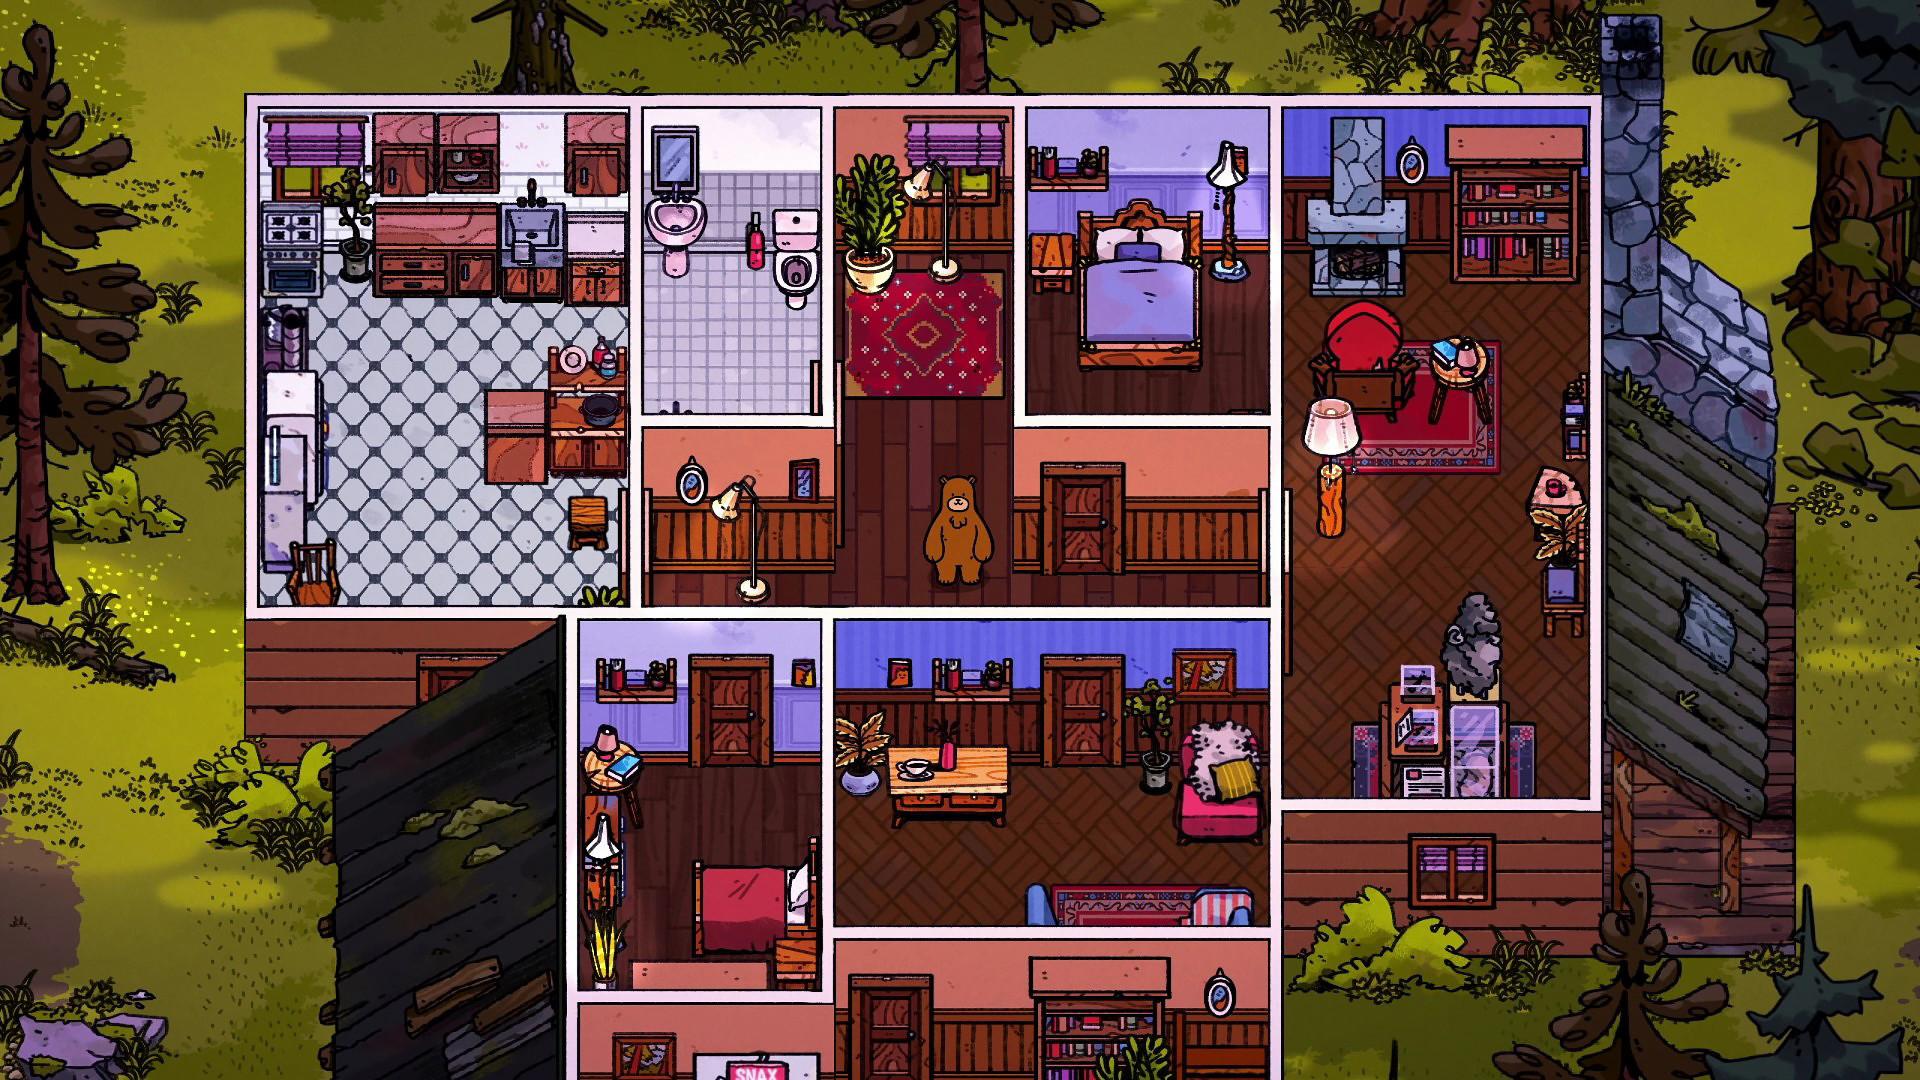 模拟经营游戏《熊与早餐》预计今年内发售 Steam 游戏资讯 第2张